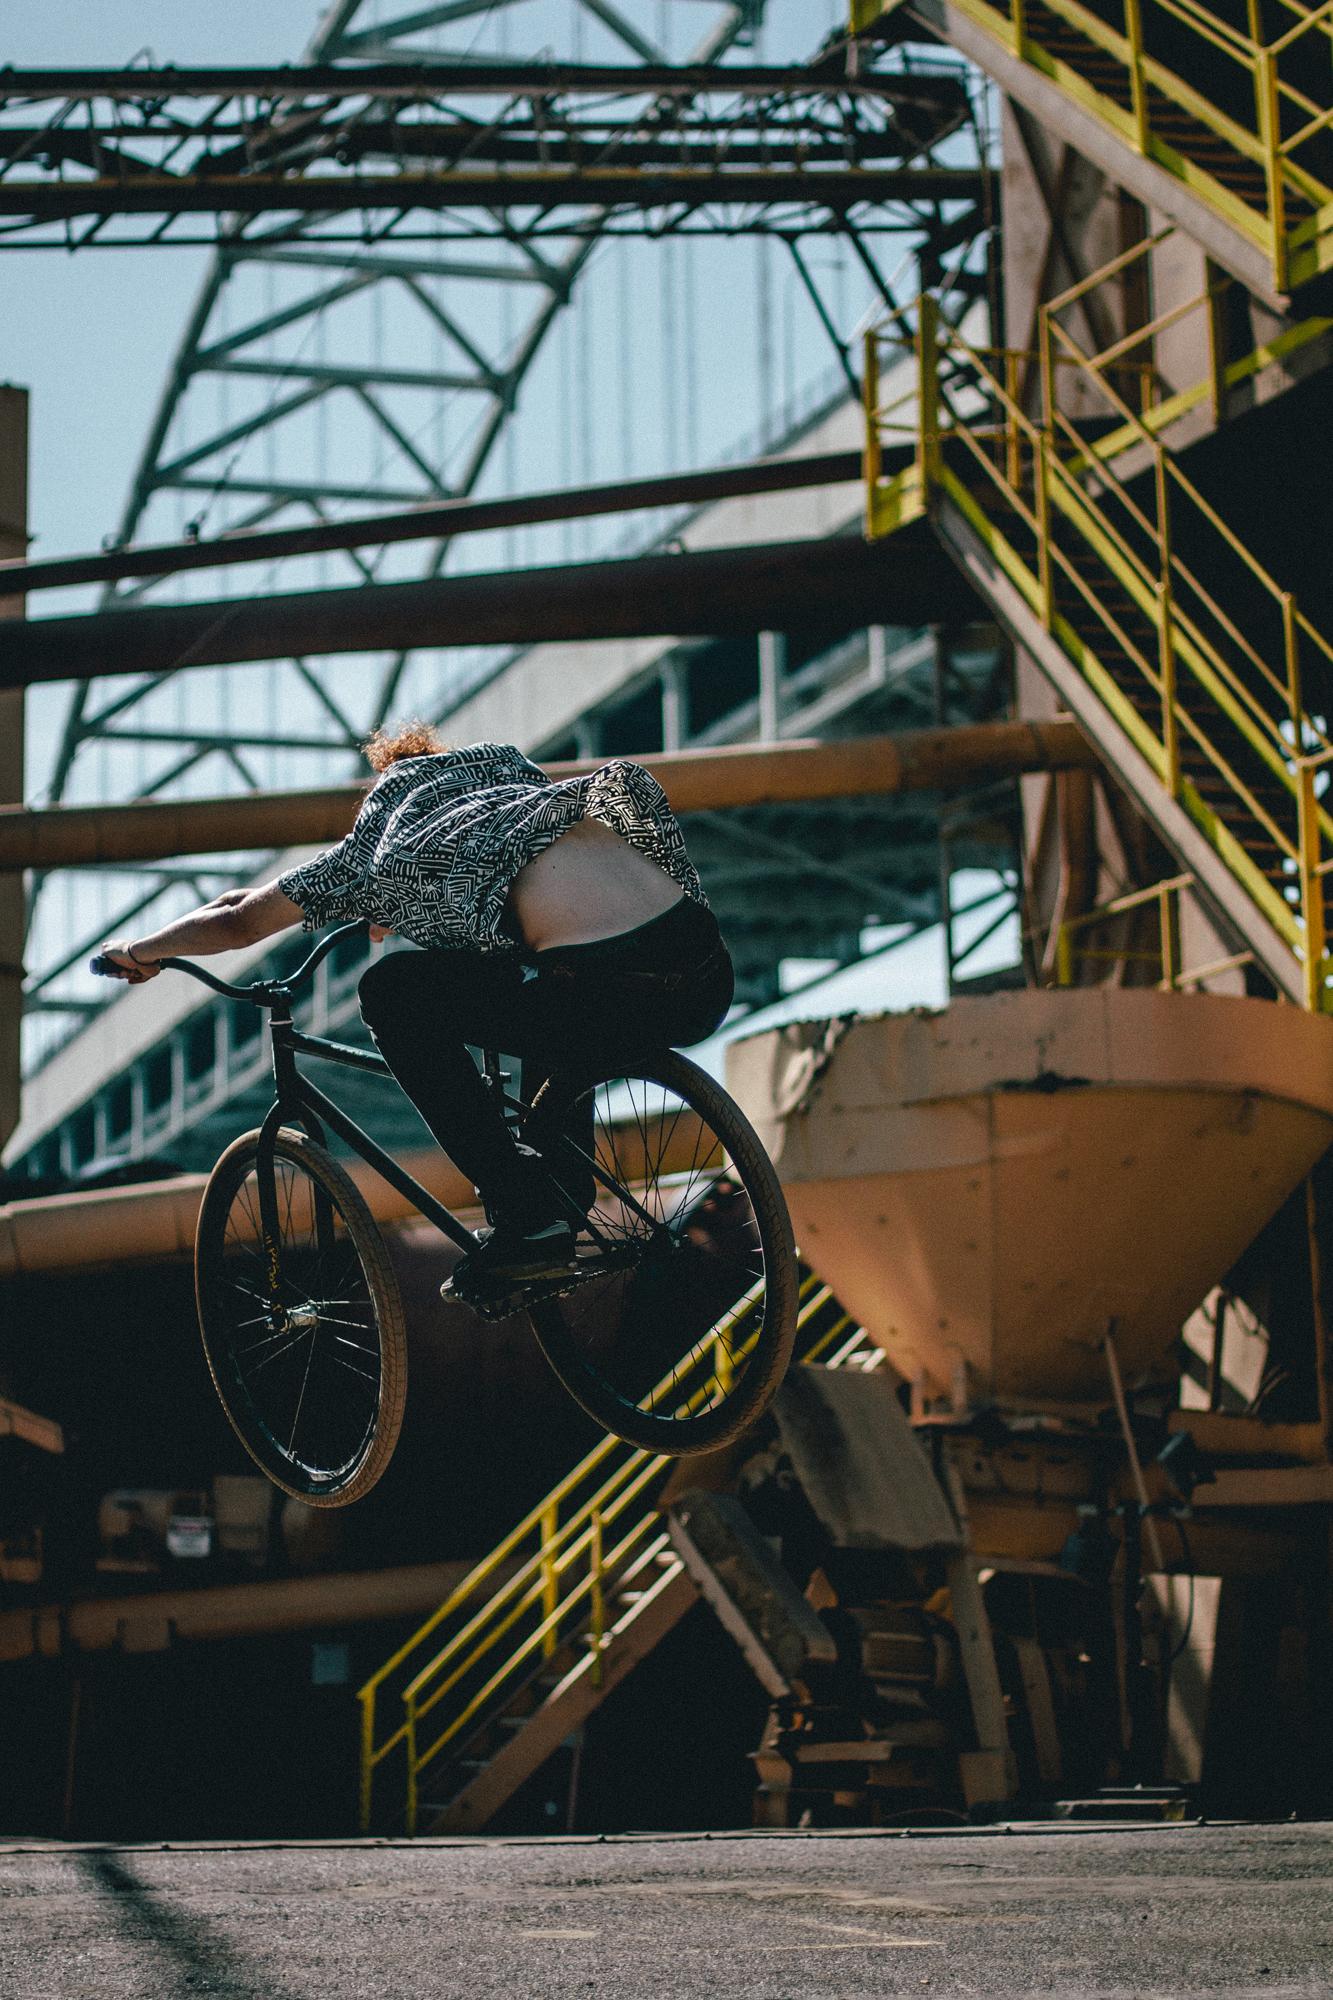 WheelTalk_FGFS_Portland_NelsonBell-8204